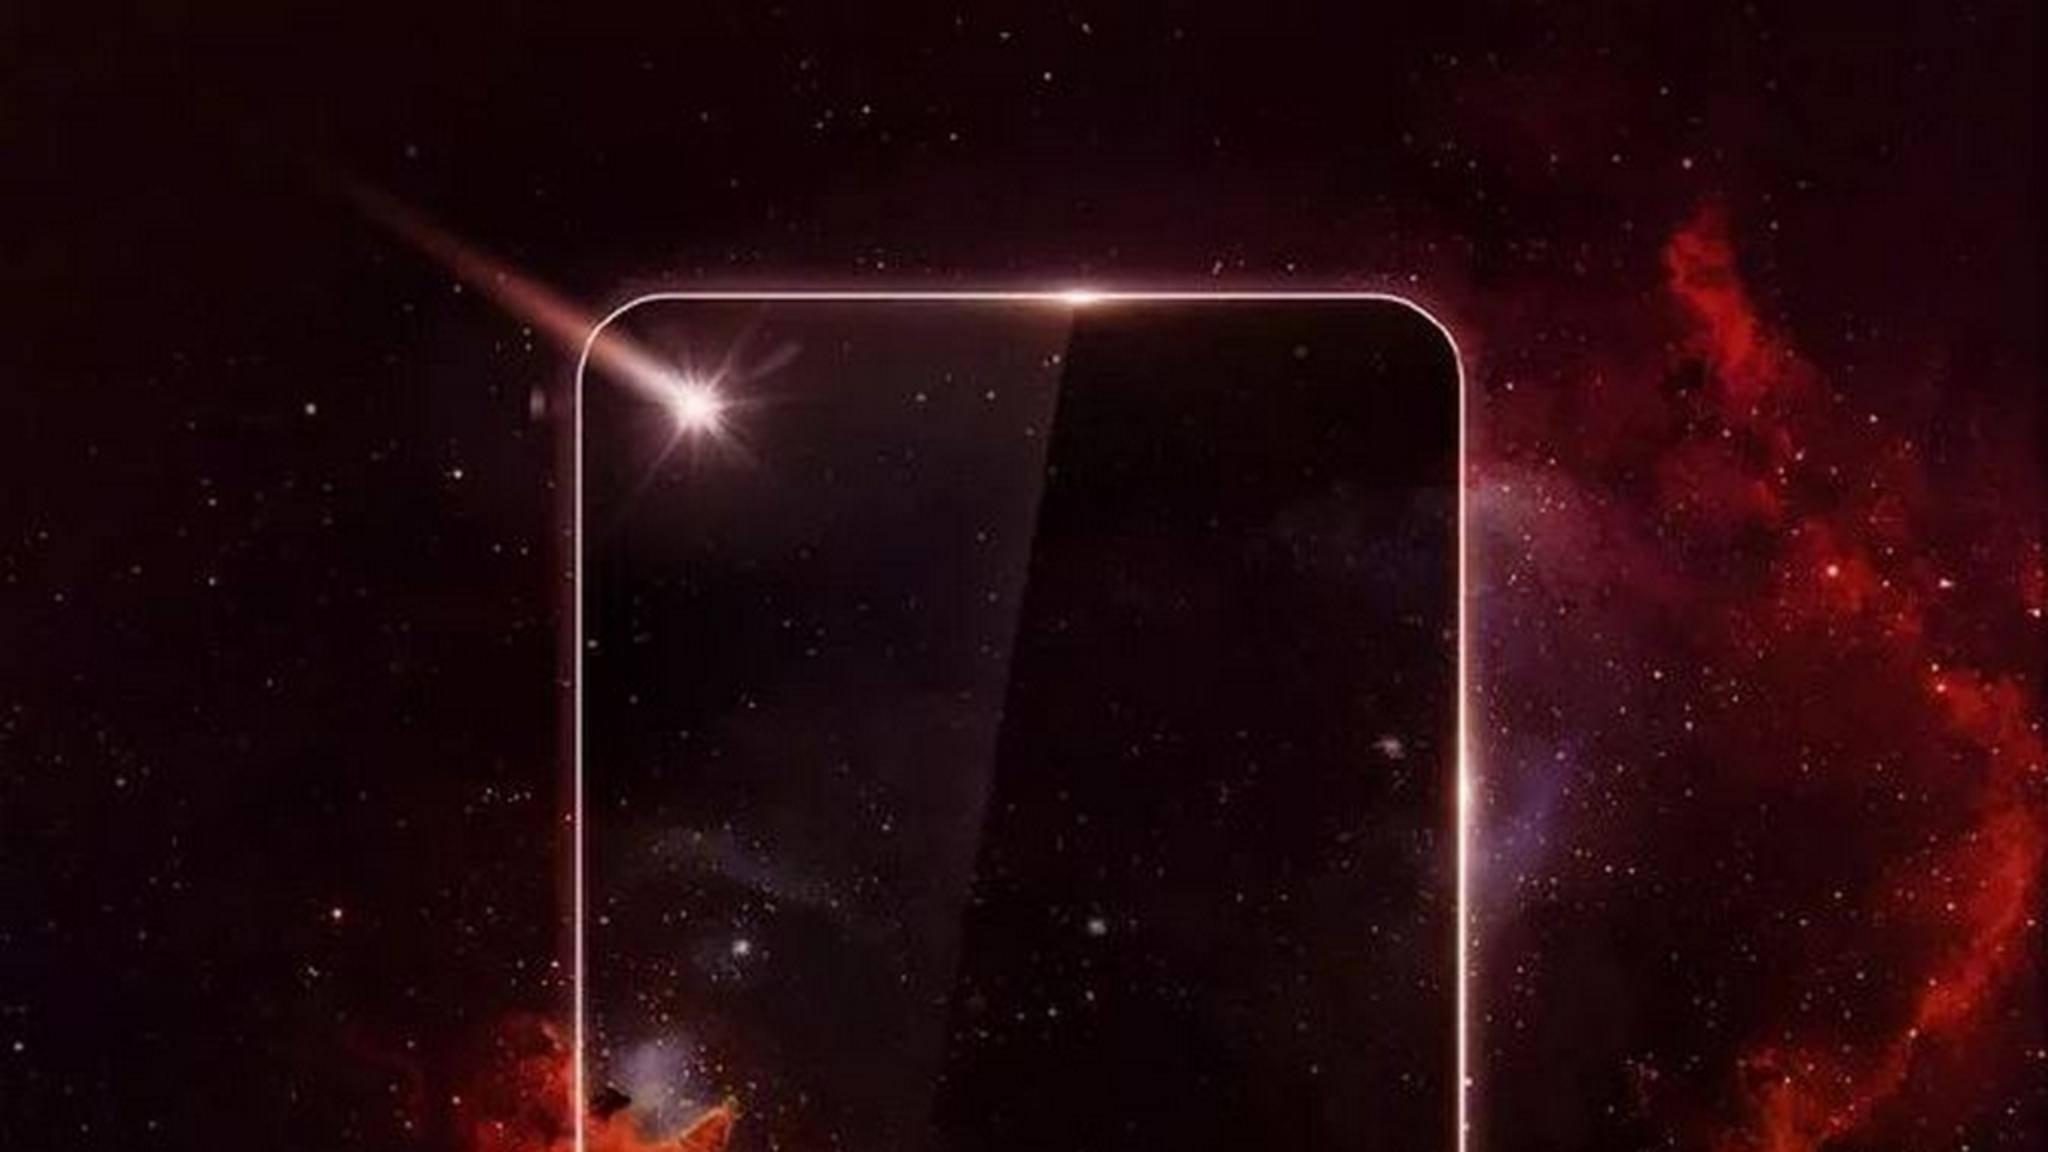 Huawei bringt offenbar ein Smartphone mit Kamera im Display auf den Markt.